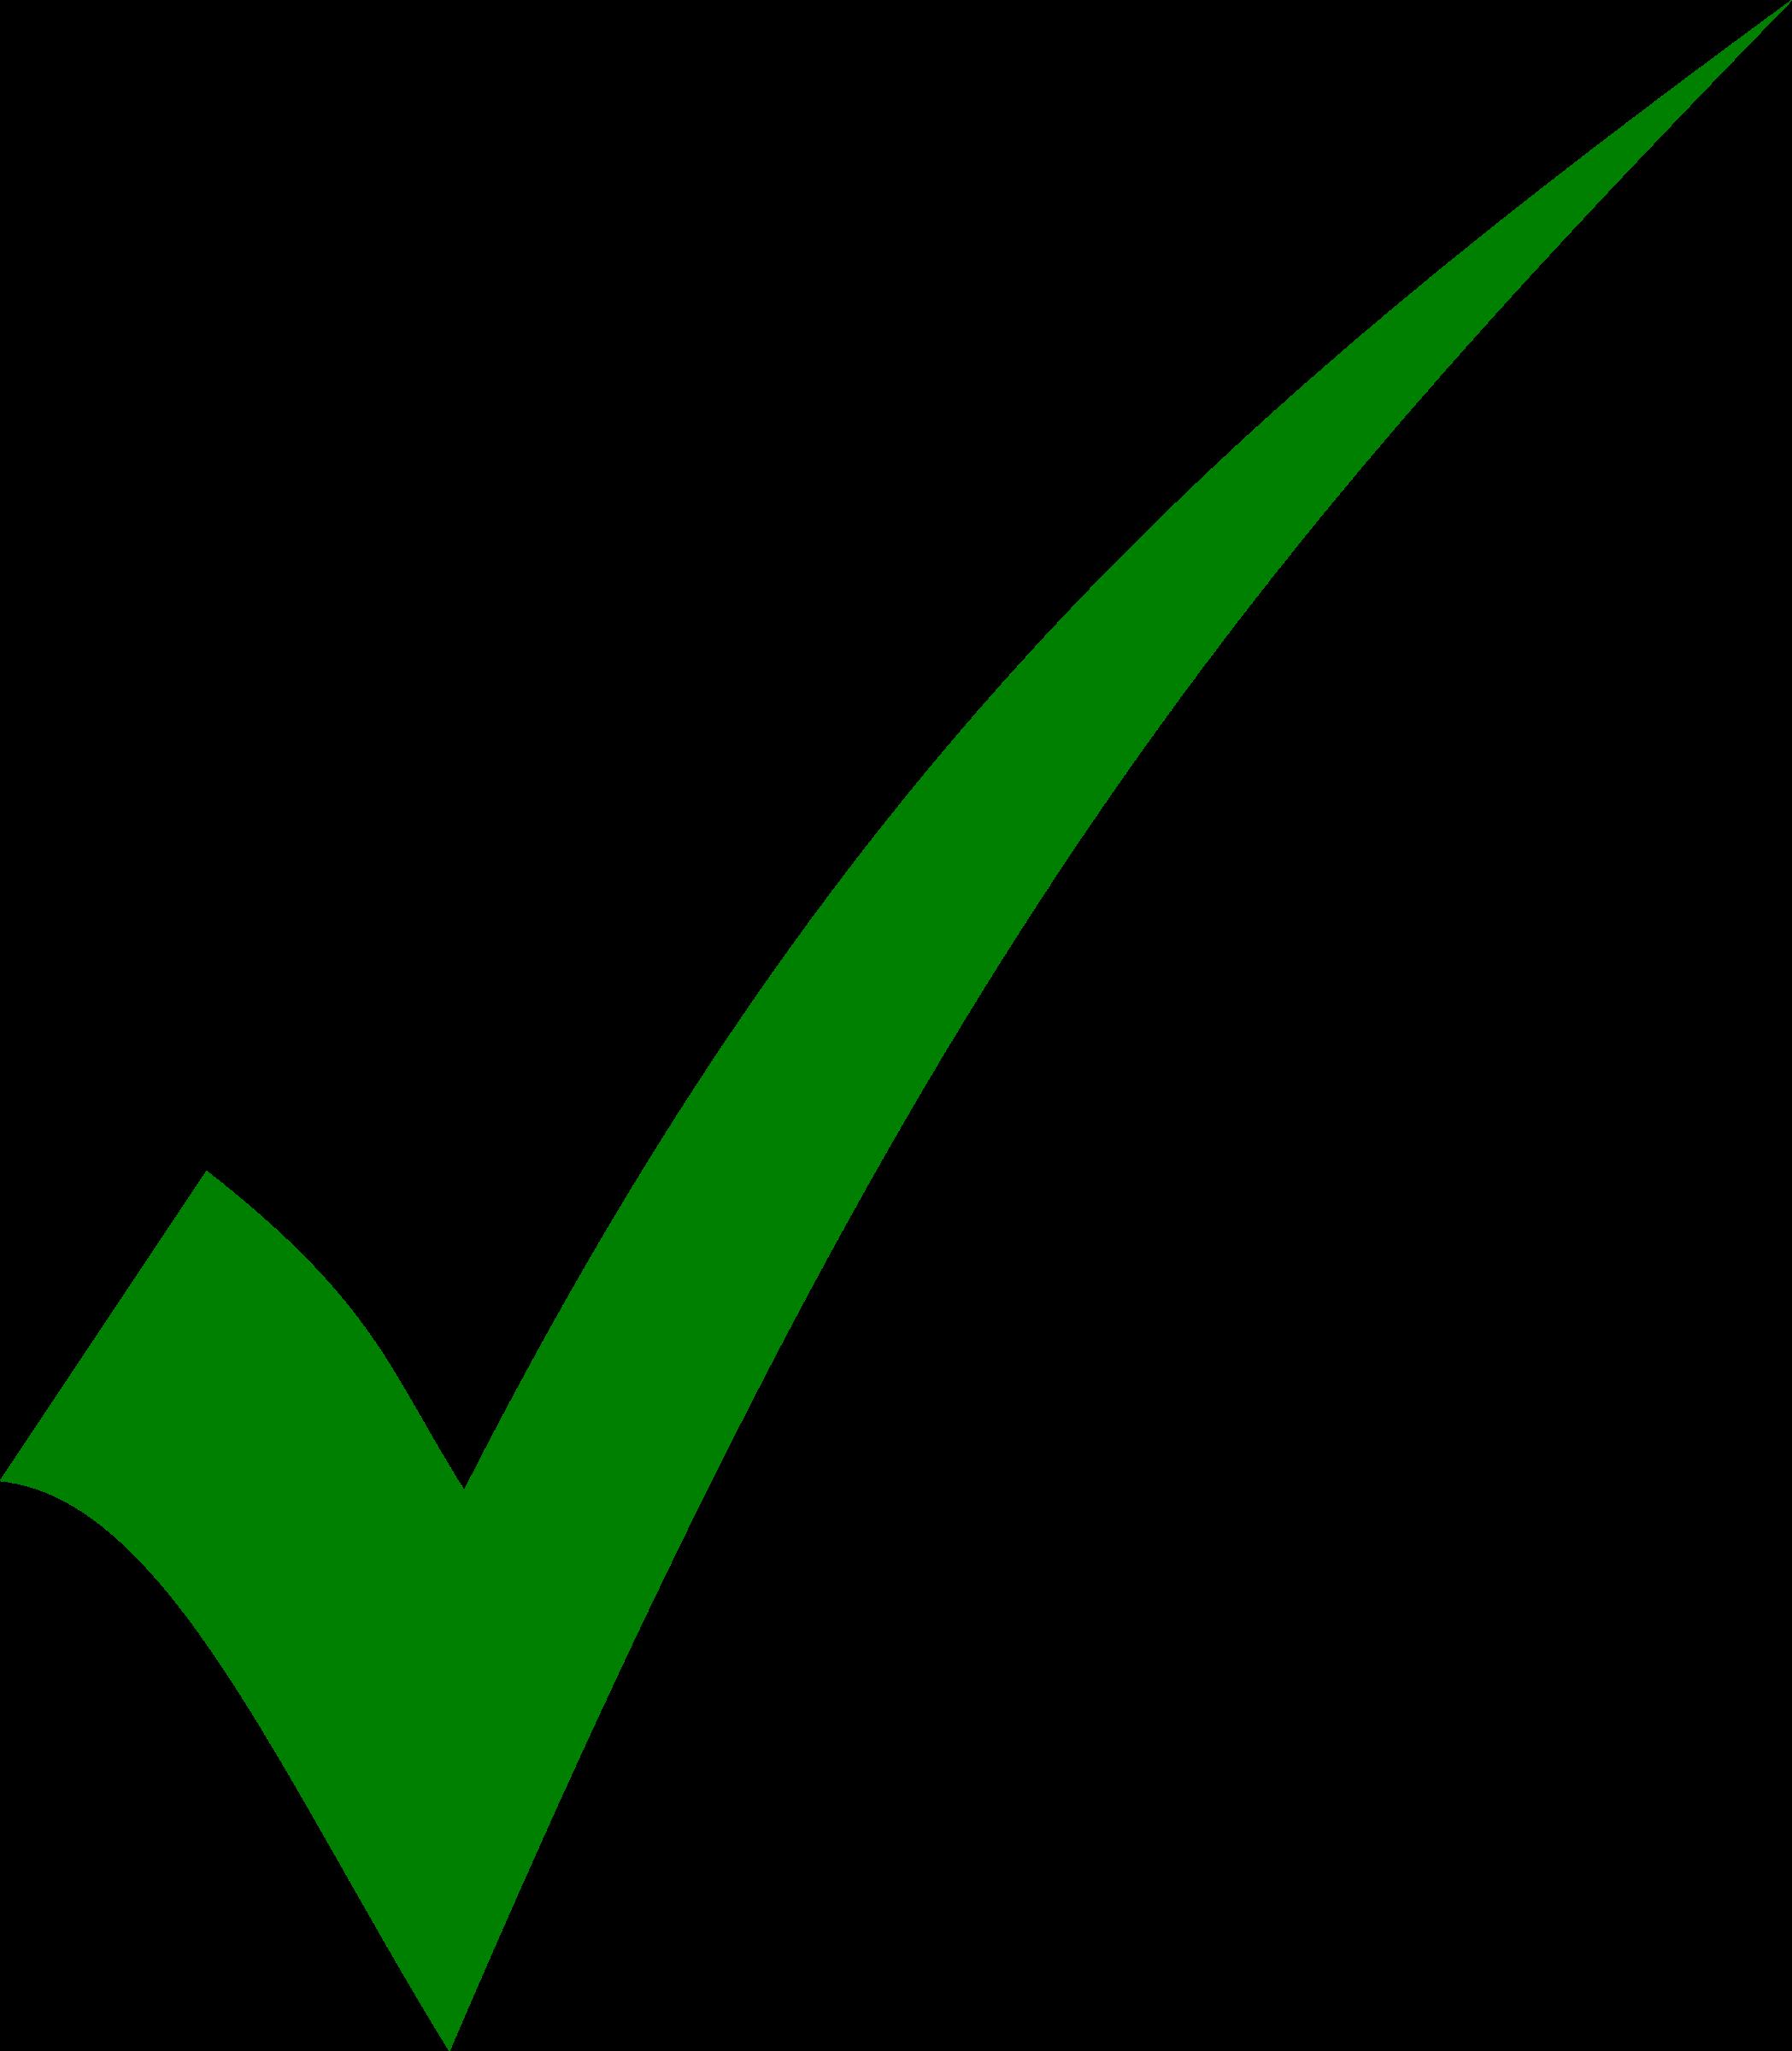 Checkmark Clip Art